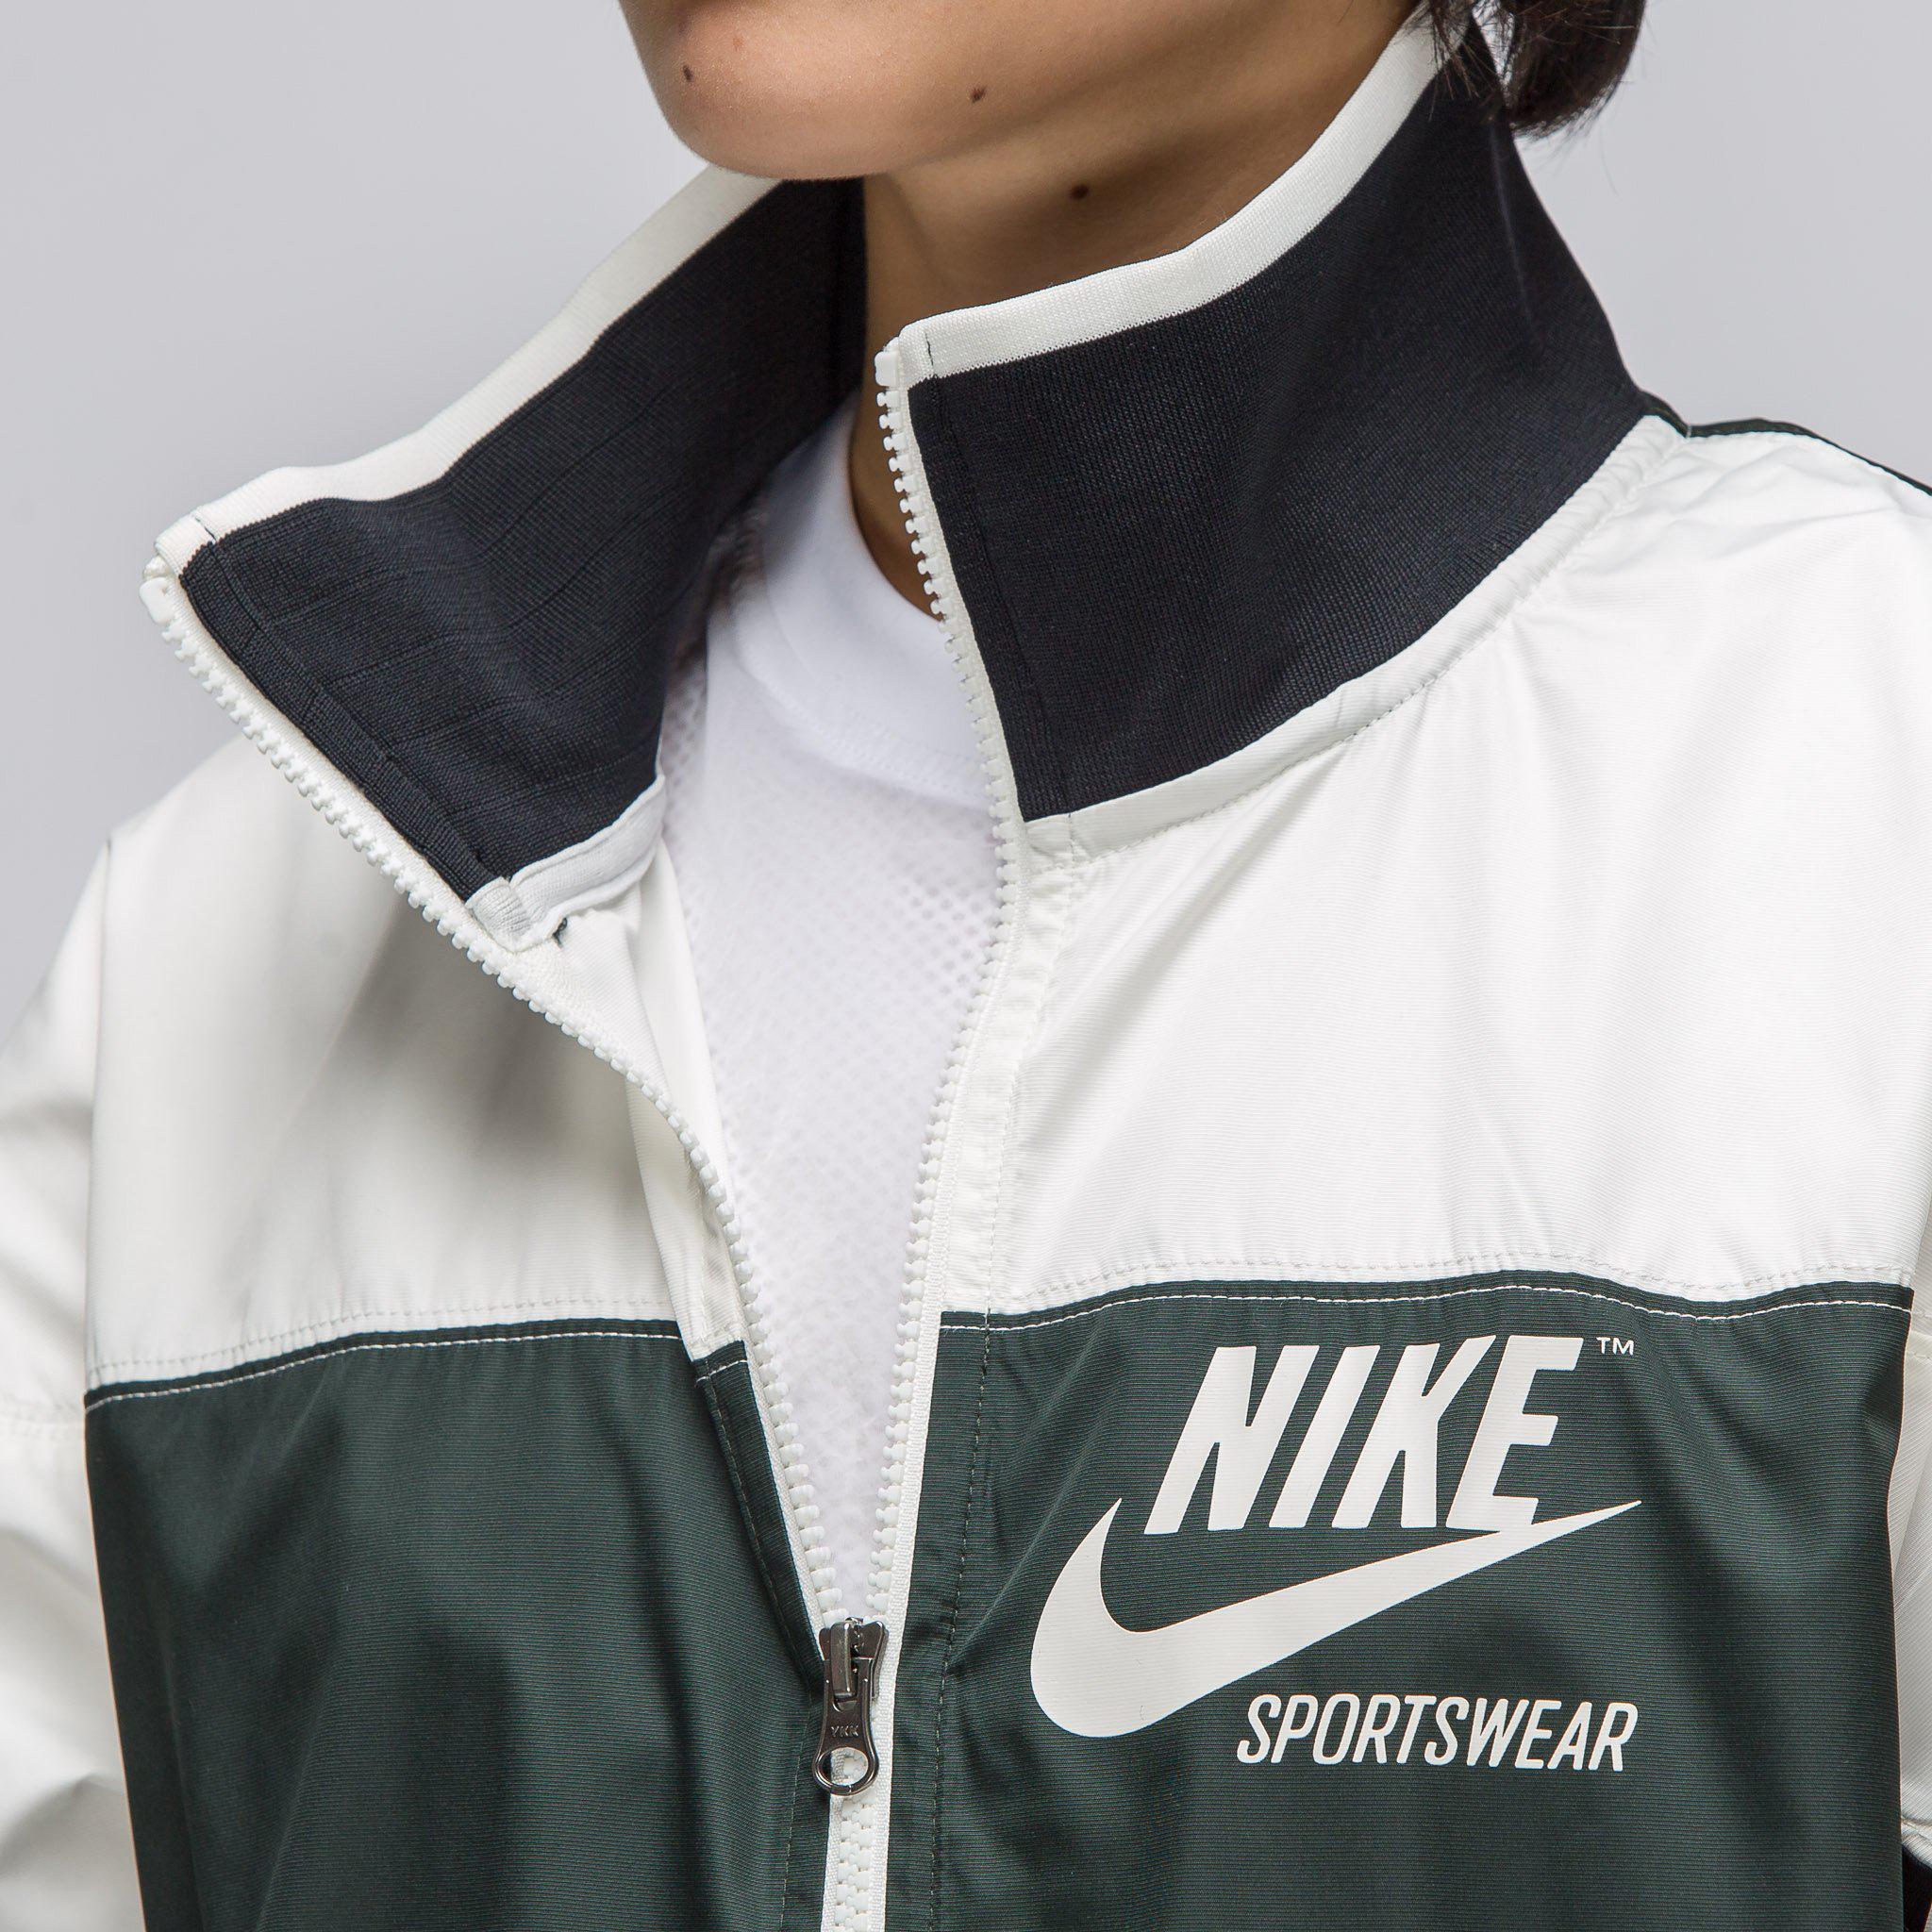 08d3ce2374a3 ... new arrive ec654 b70fc Lyst - Nike Womens Sportswear Archive1 Full Zip  Jacket In Sa ...